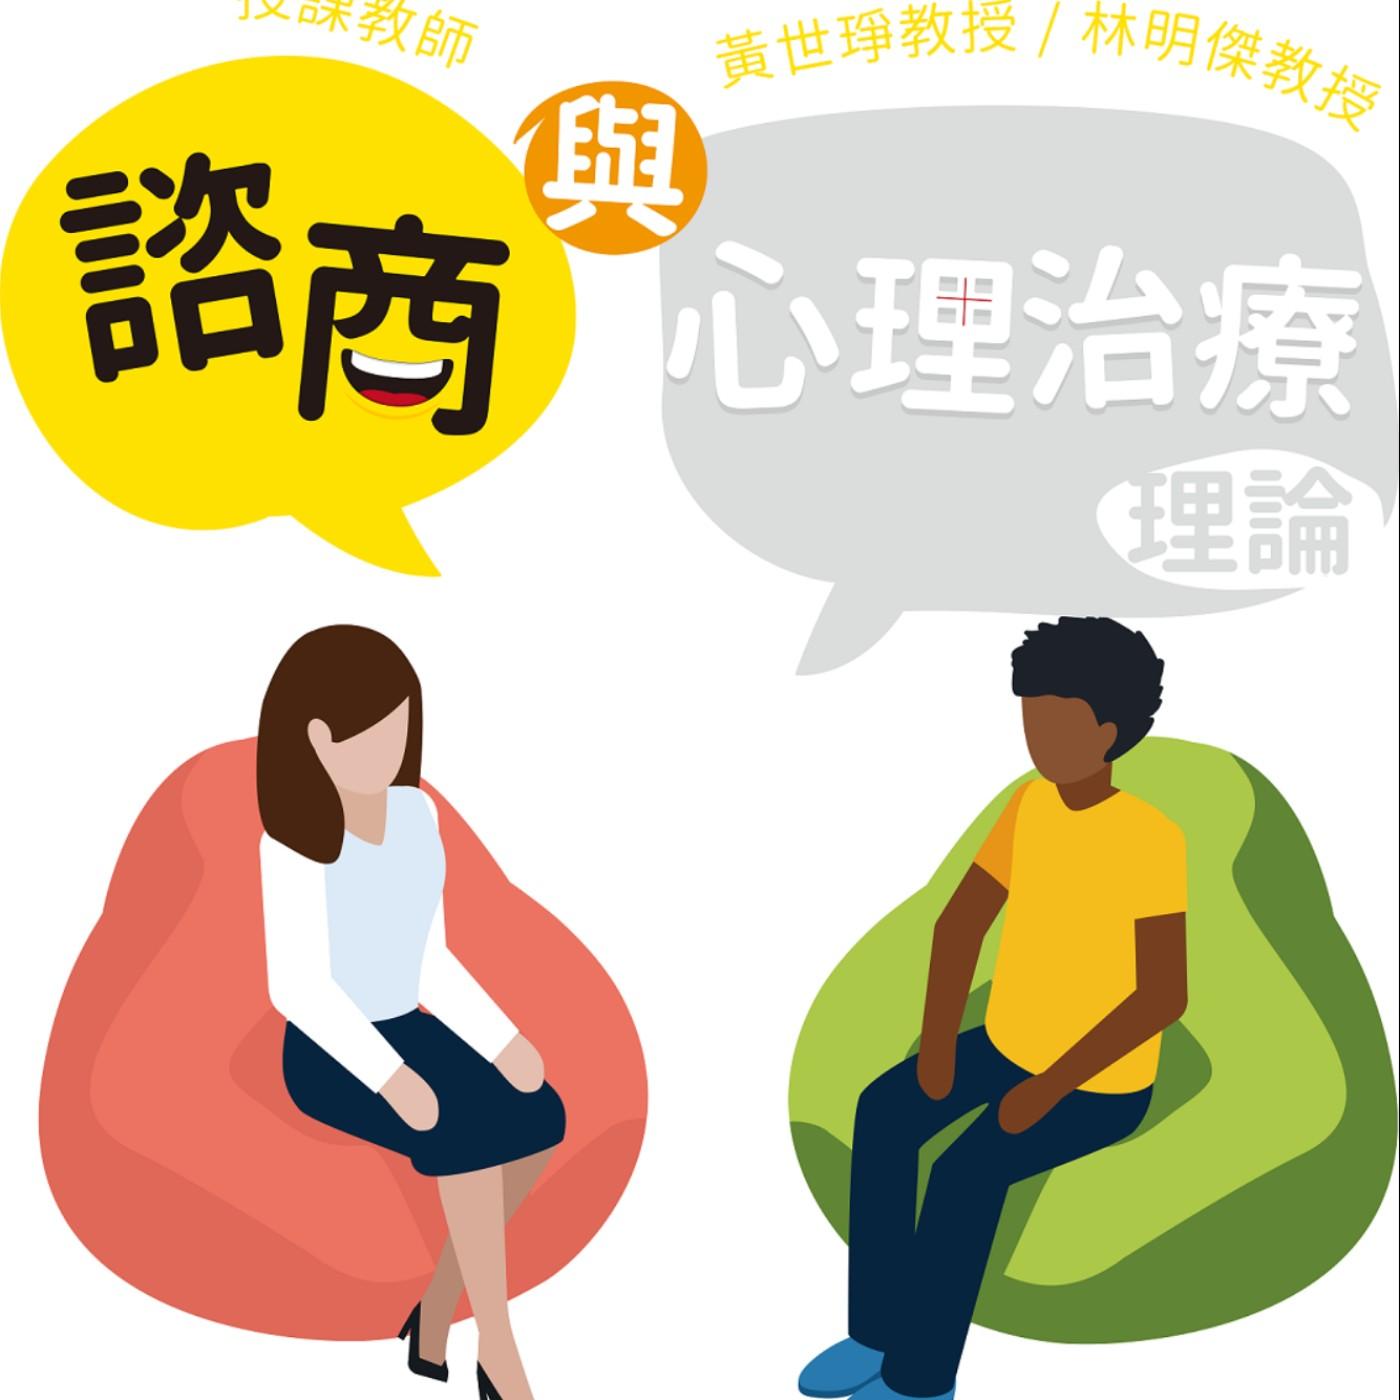 諮商與心理治療理論 2.3 個人中心治療實作案例